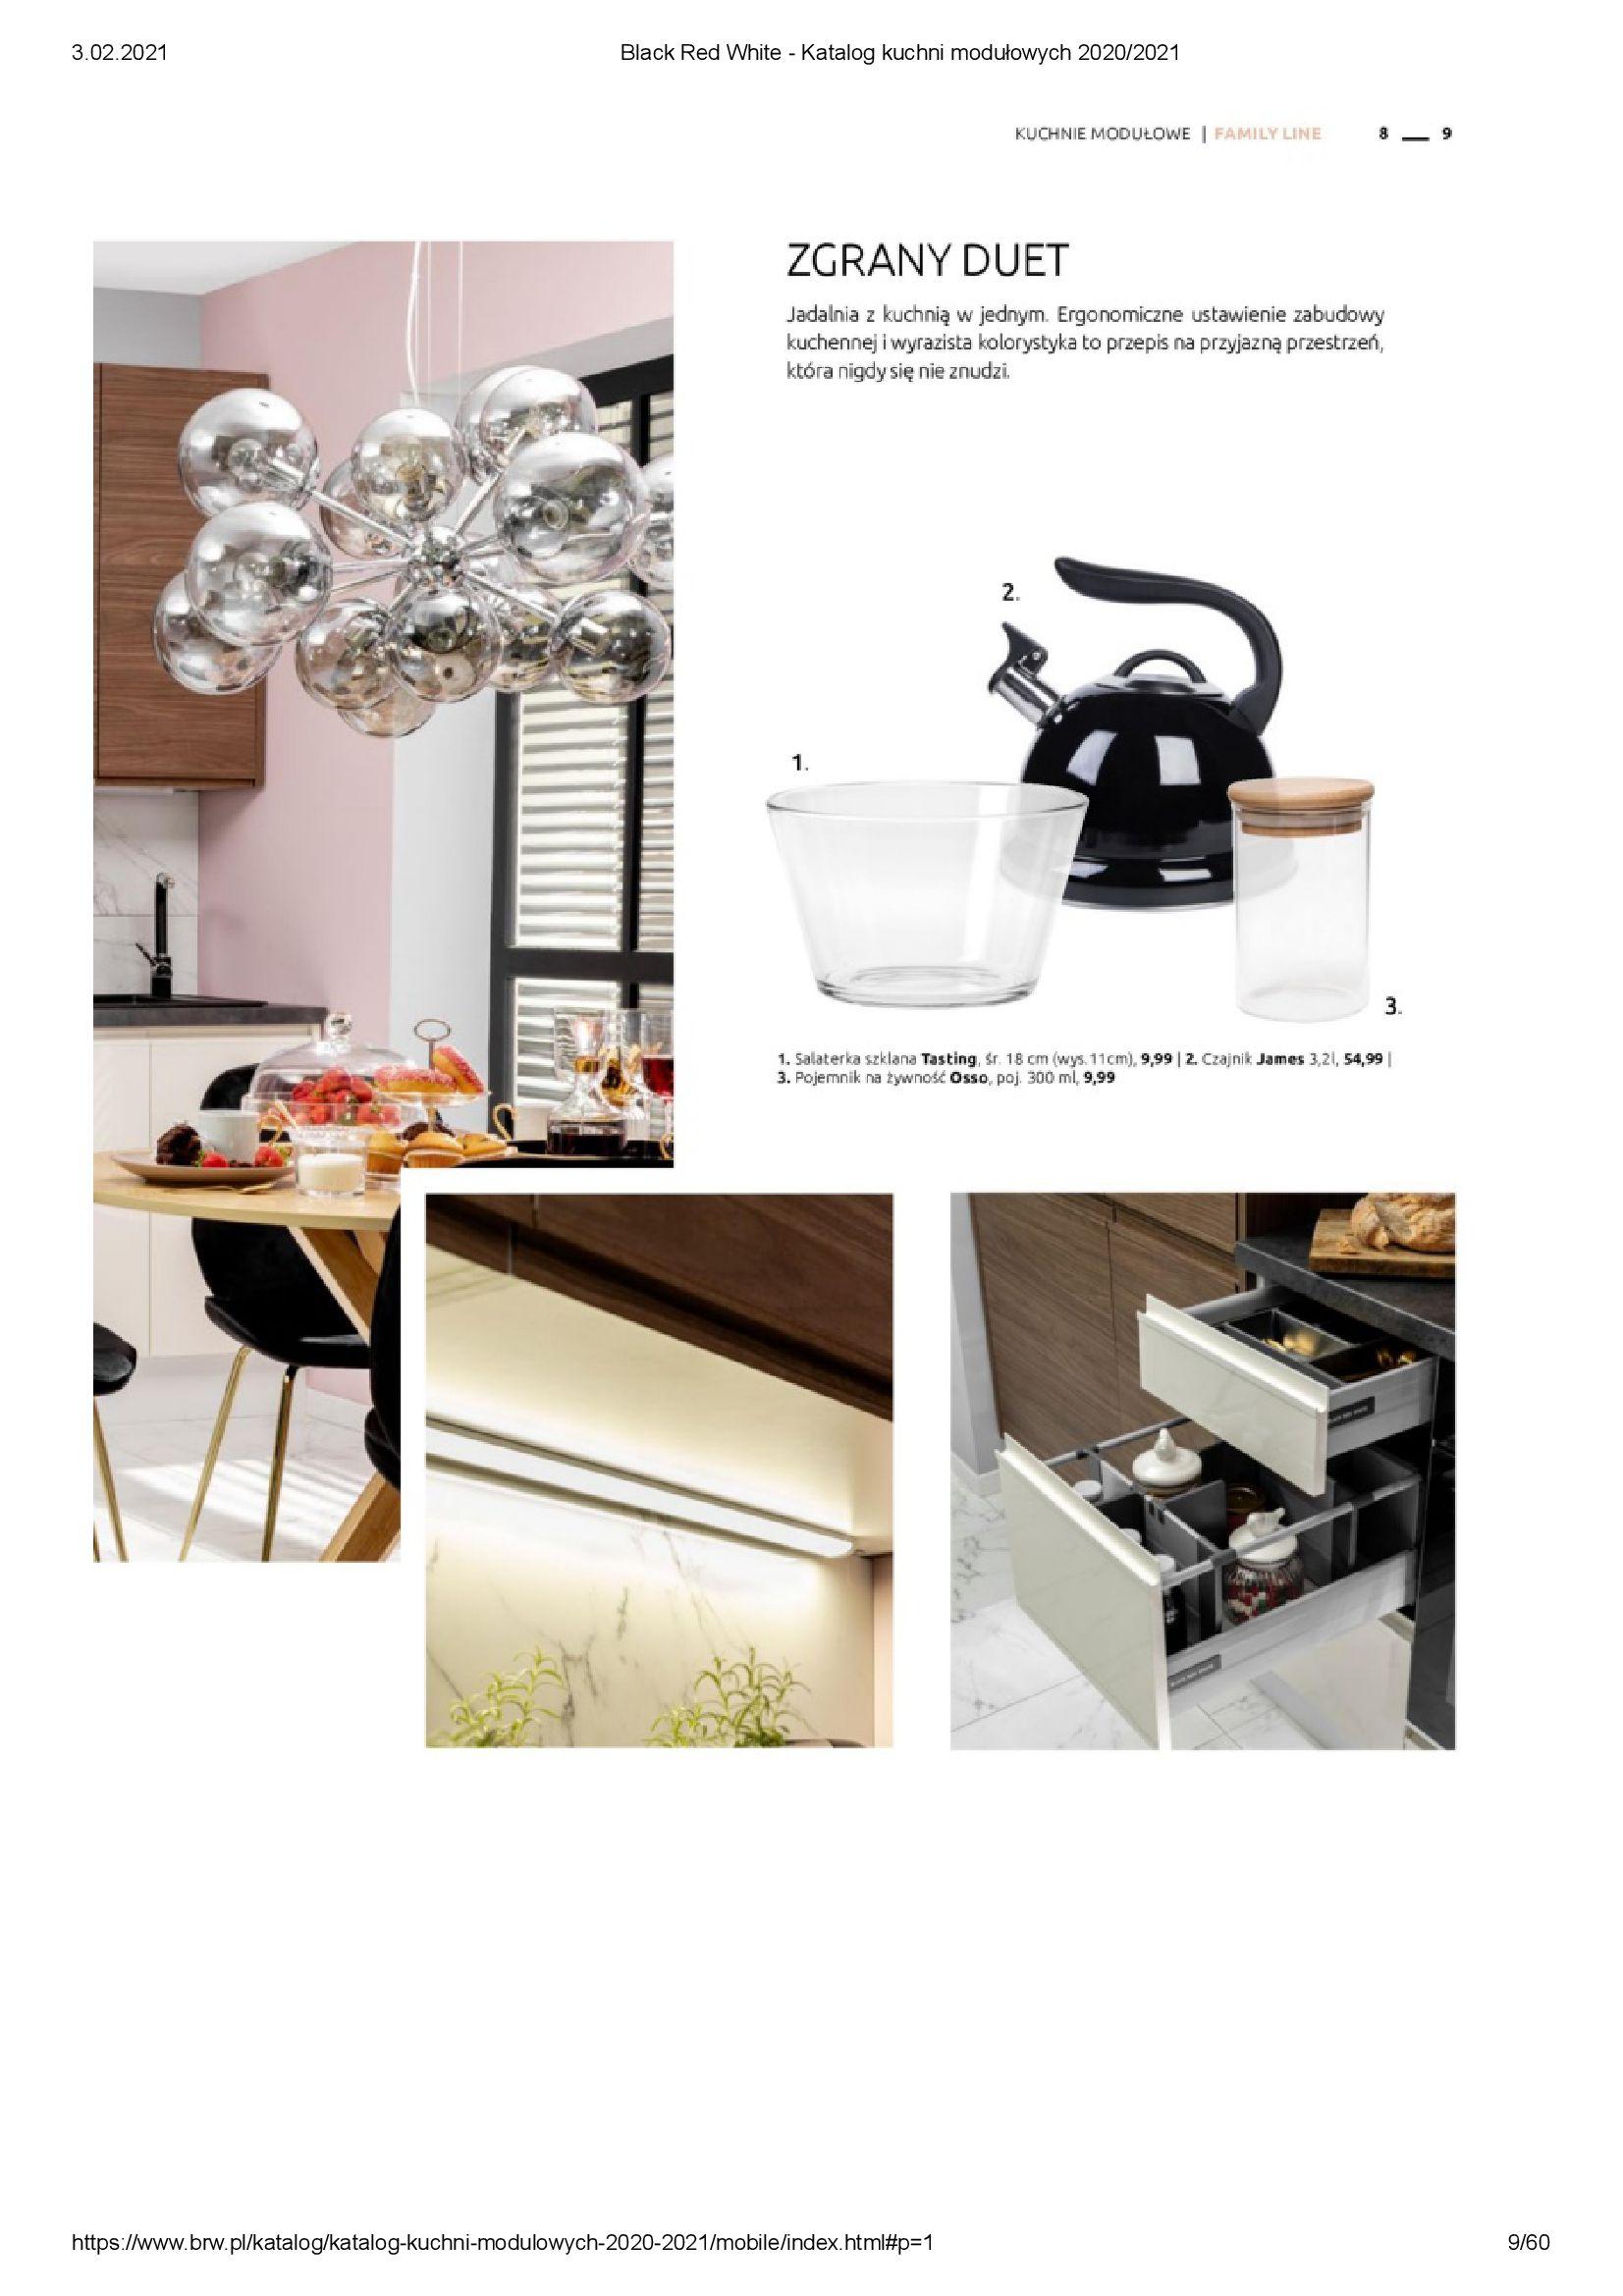 Gazetka Black Red White: Katalog - Kuchnie modułowe 2020/2021 2021-01-01 page-9